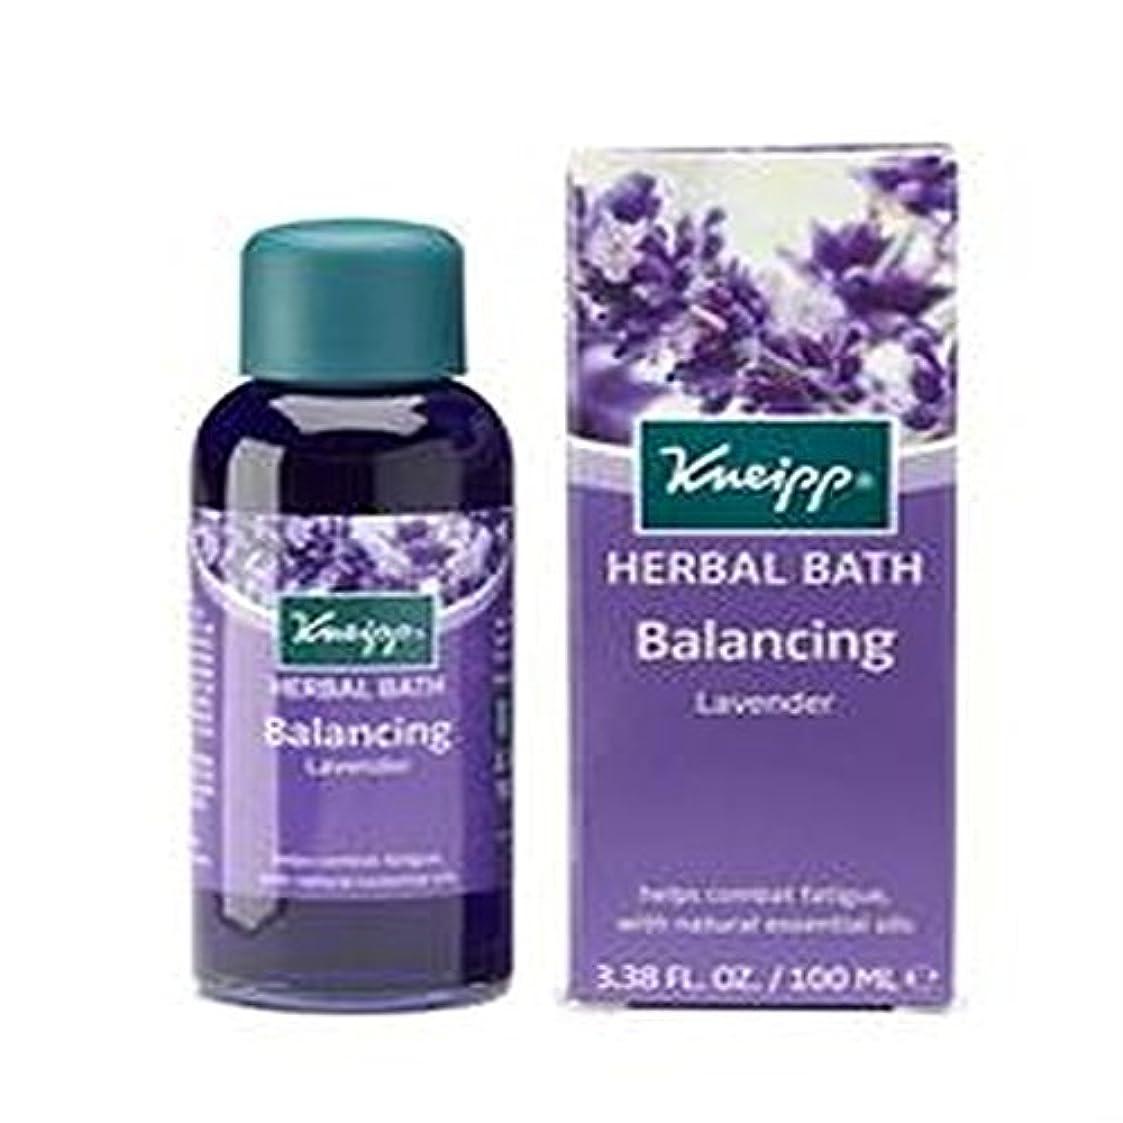 意志委任ピンクKneipp Balancing Lavender Herbal Bath - 3.38 Oz. (並行輸入品) [並行輸入品]